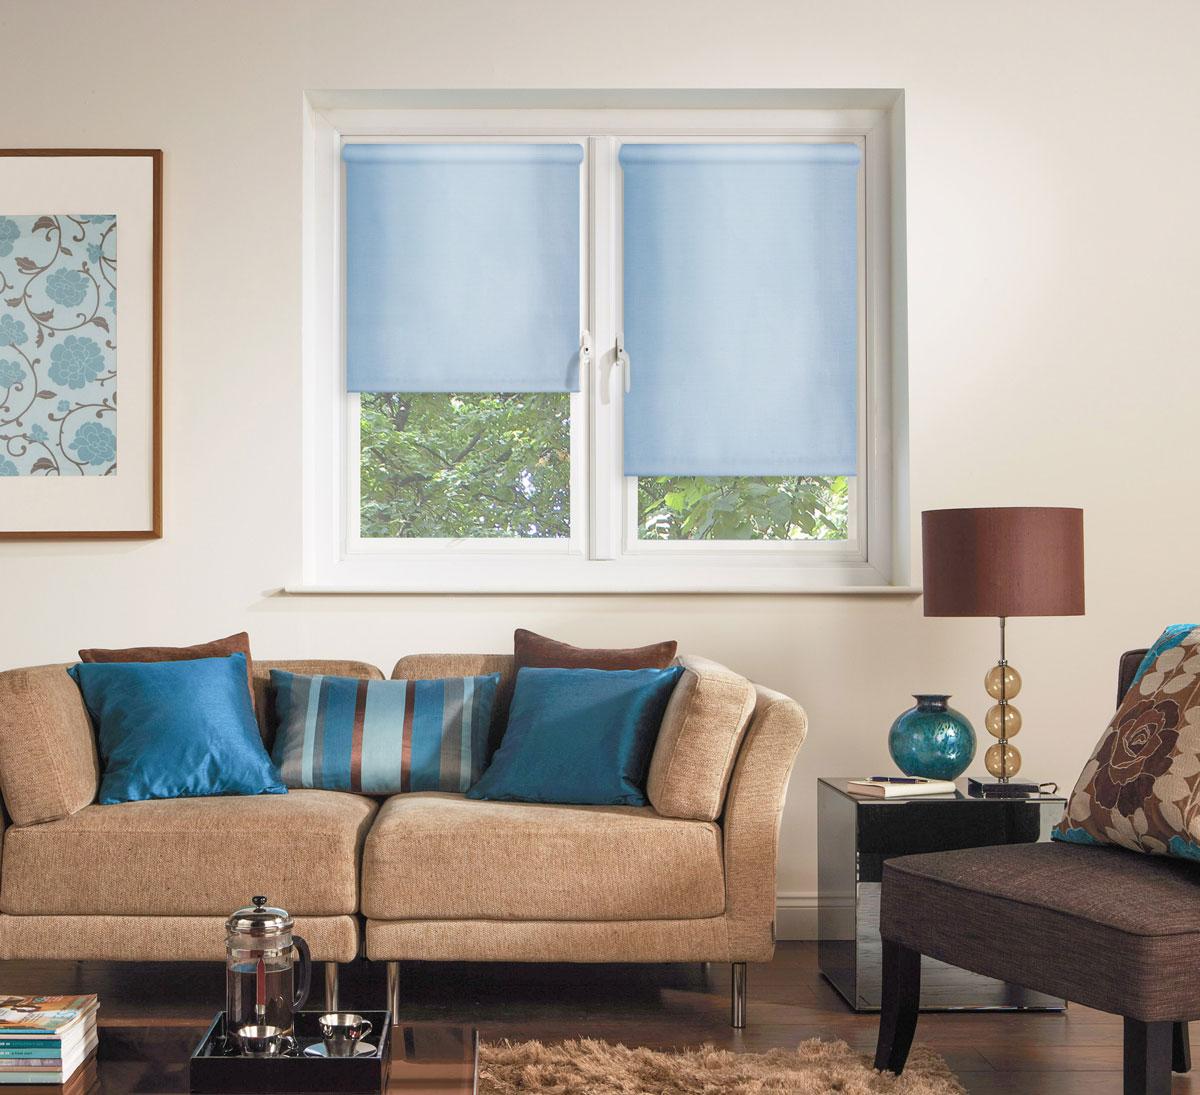 Штора рулонная KauffOrt Миниролло, цвет: голубой, ширина 115 см, высота 170 см3115005Рулонная штора Миниролло выполнена из высокопрочной ткани, которая сохраняет свой размер даже при намокании. Ткань не выцветает и обладает отличной цветоустойчивостью.Миниролло - это подвид рулонных штор, который закрывает не весь оконный проем, а непосредственно само стекло. Такие шторы крепятся на раму без сверления при помощи зажимов или клейкой двухсторонней ленты (в комплекте). Окно остается на гарантии, благодаря монтажу без сверления. Такая штора станет прекрасным элементом декора окна и гармонично впишется в интерьер любого помещения.